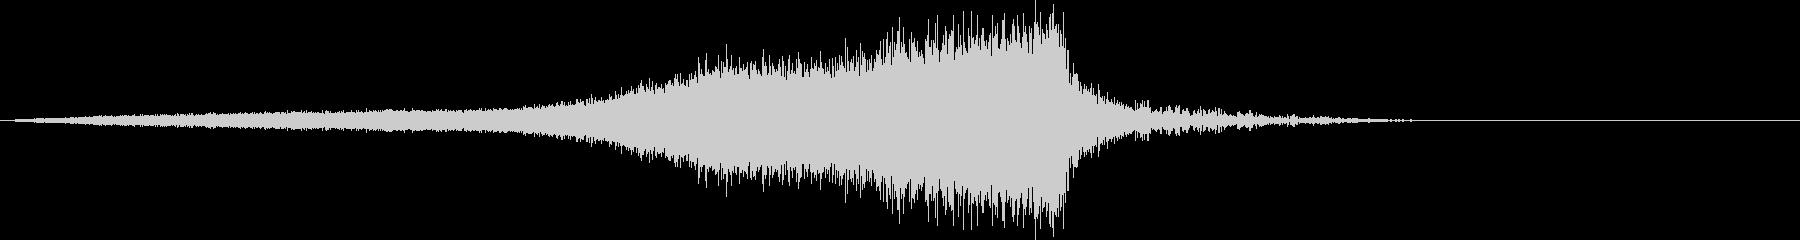 【ライザー】17 エピックサウンド 壮大の未再生の波形